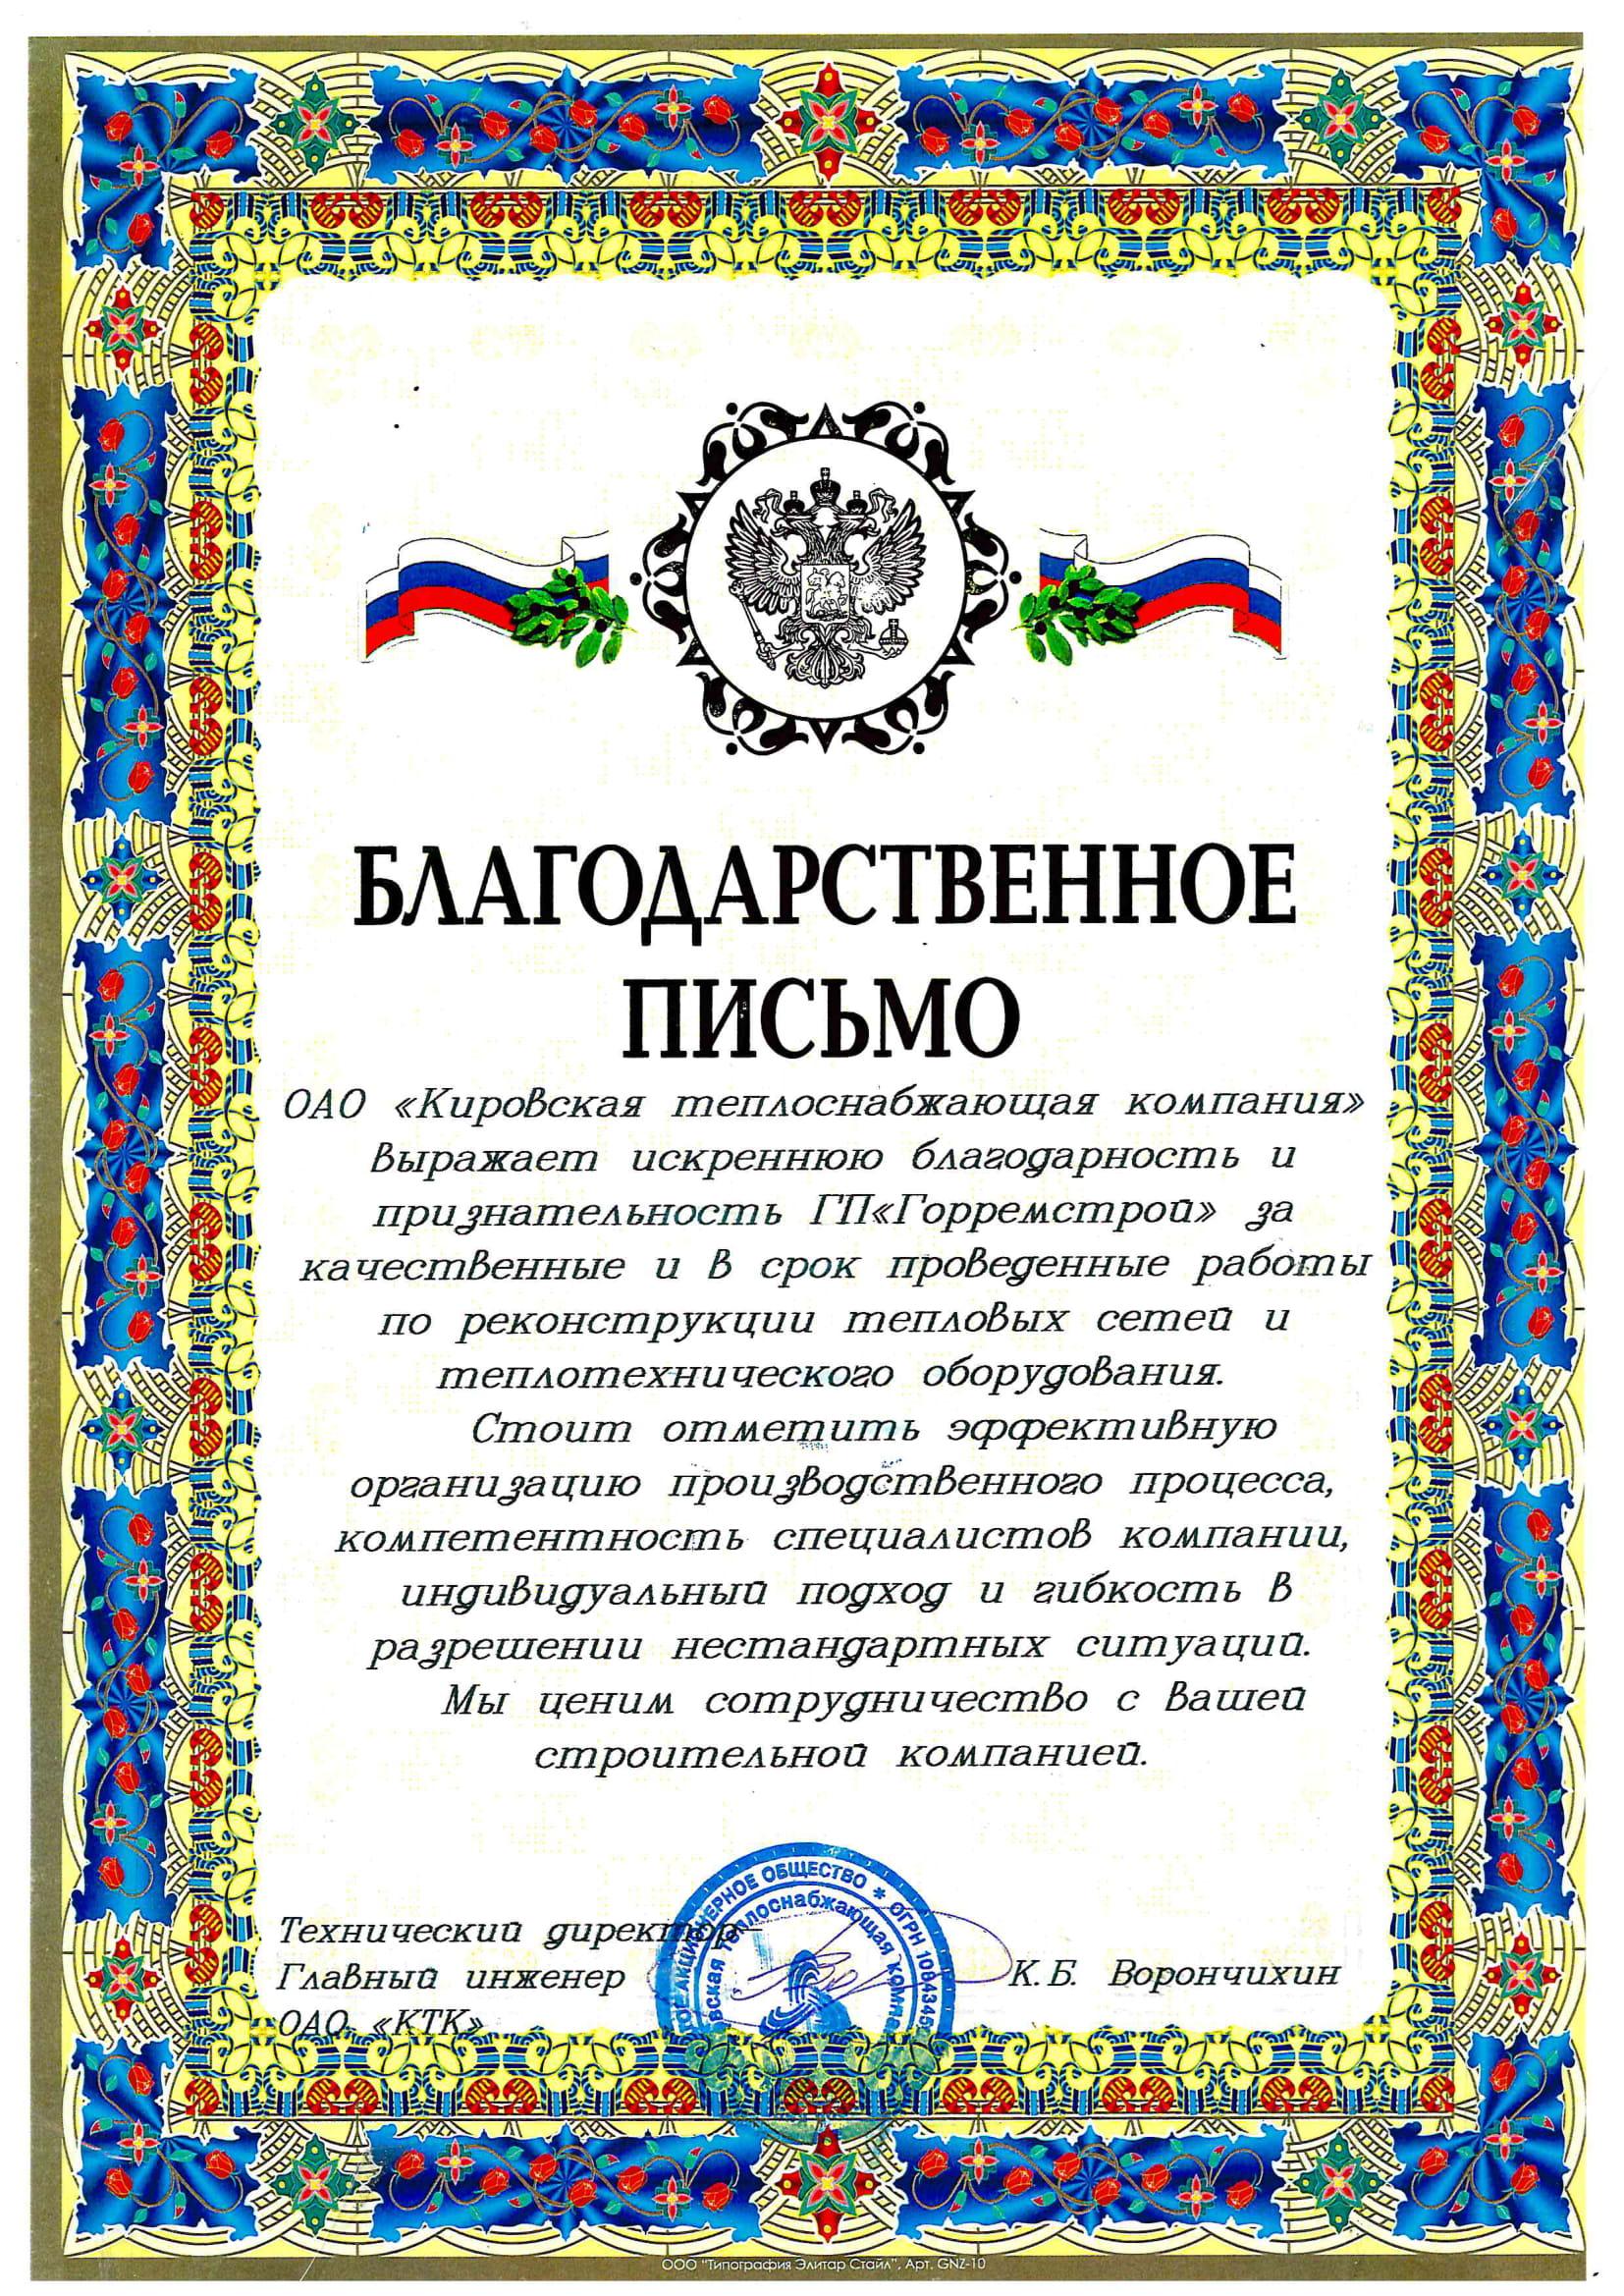 ОАО Кировская терлоснабжающая компания, благодарственное письмо